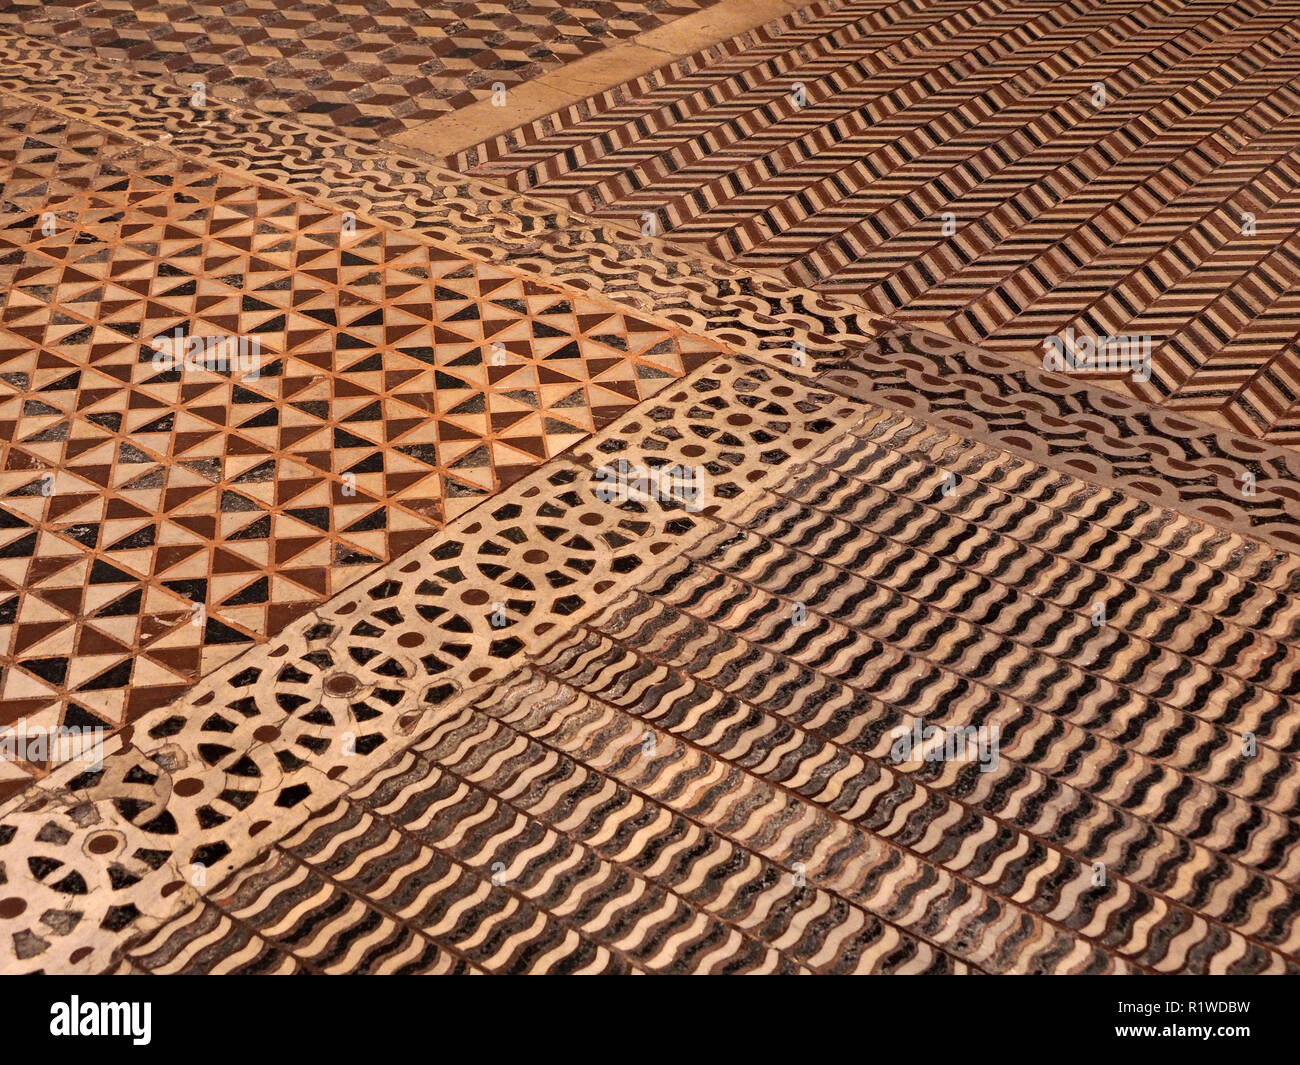 La Conception Des Anciens A Motifs Mosaique Carrelage Marbre Florence Toscane Italie Photo Stock Alamy